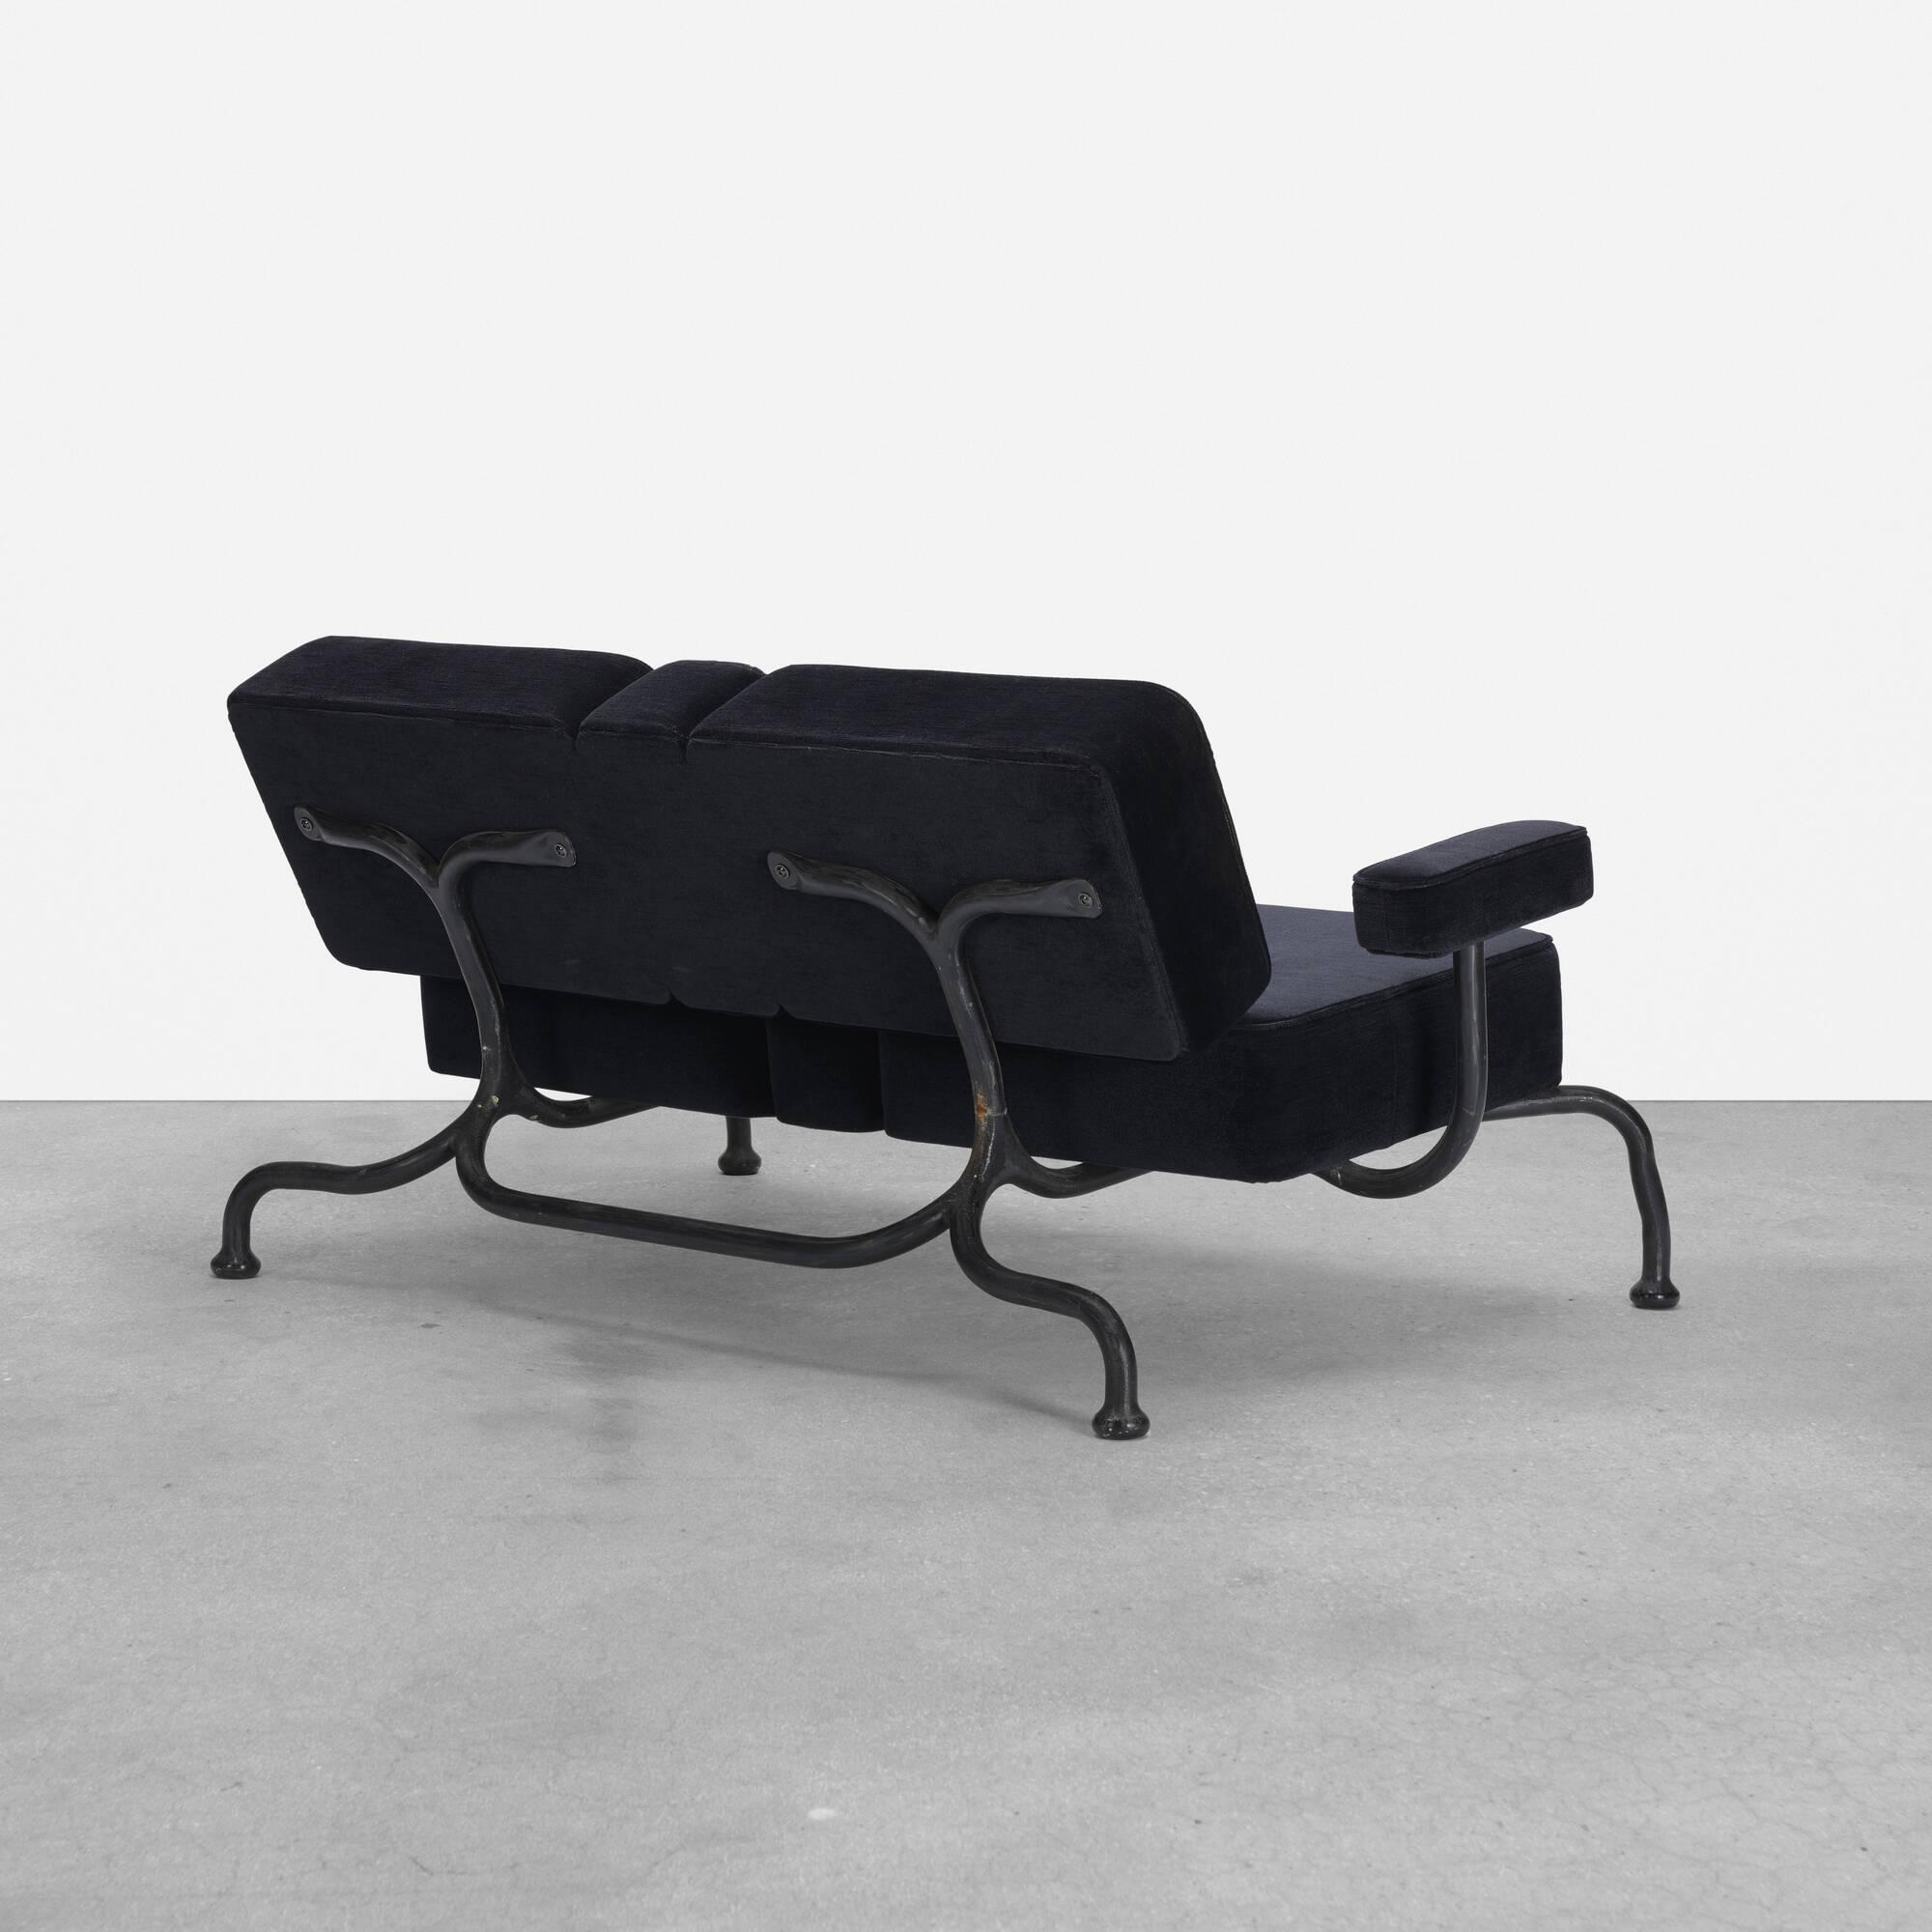 265: Atelier Van Lieshout / Bad Club Sofa (1 of 5)